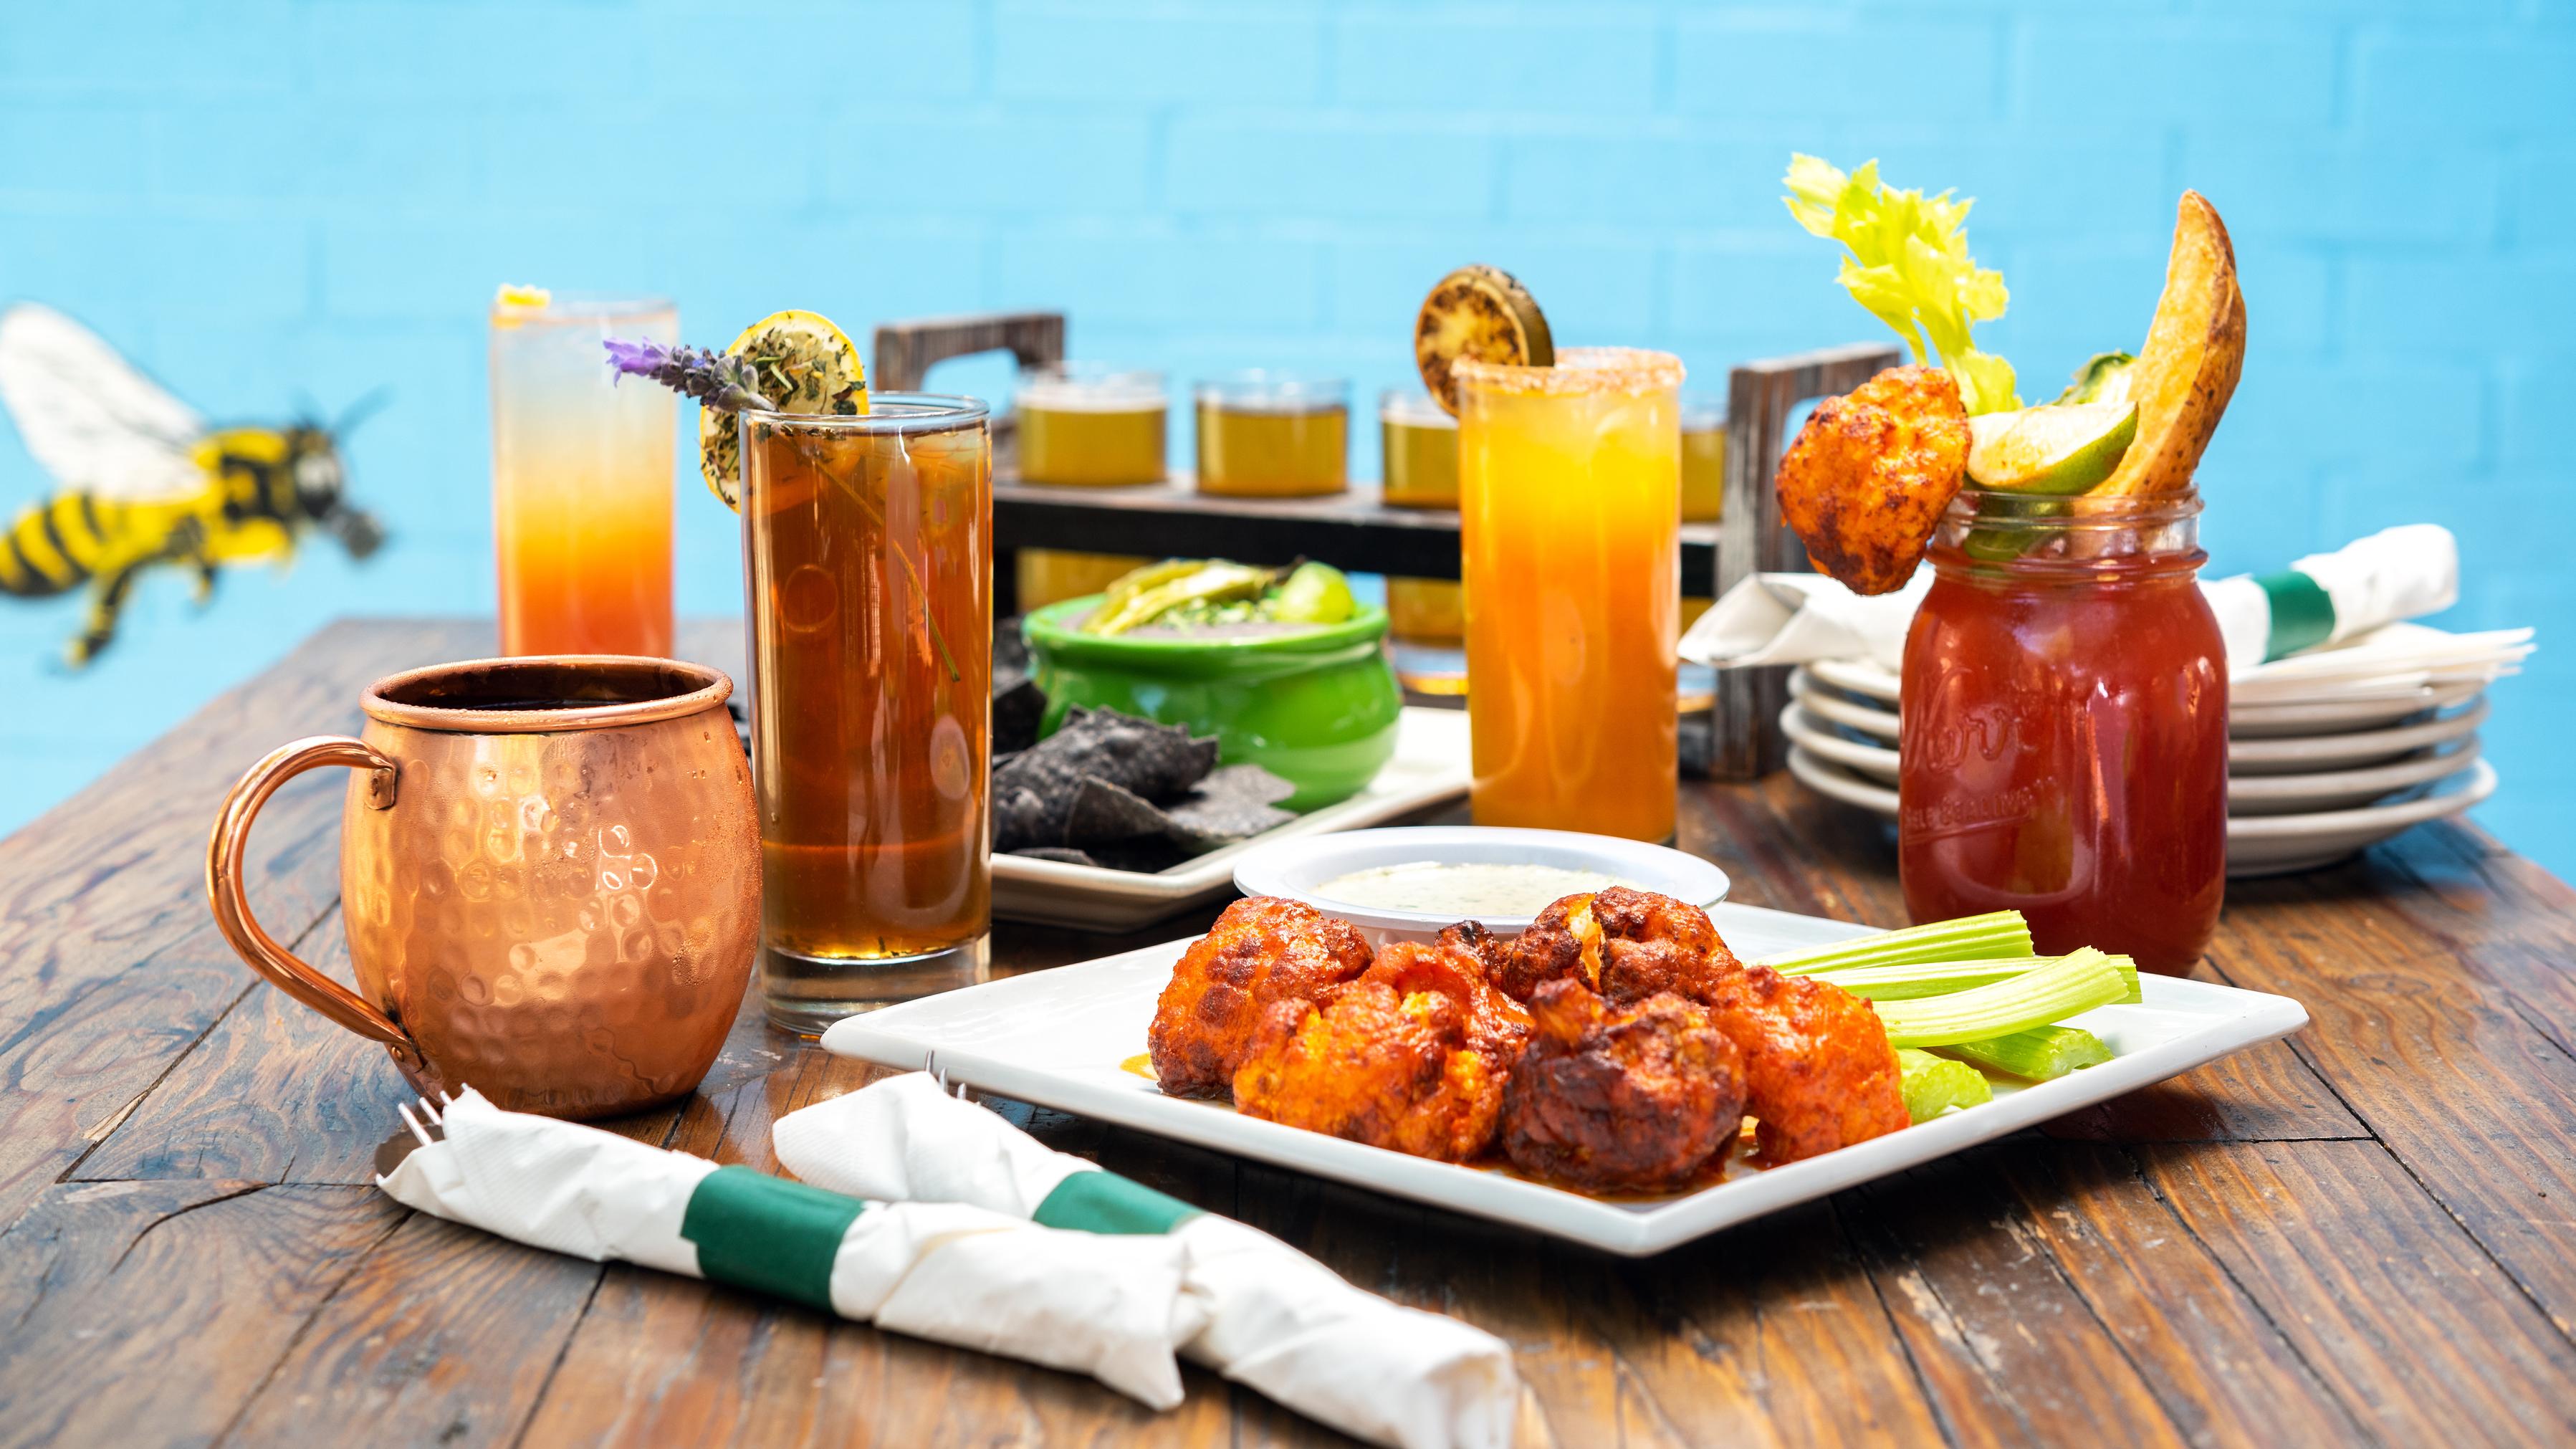 Vegetarian Restaurants To Try In Las Vegas